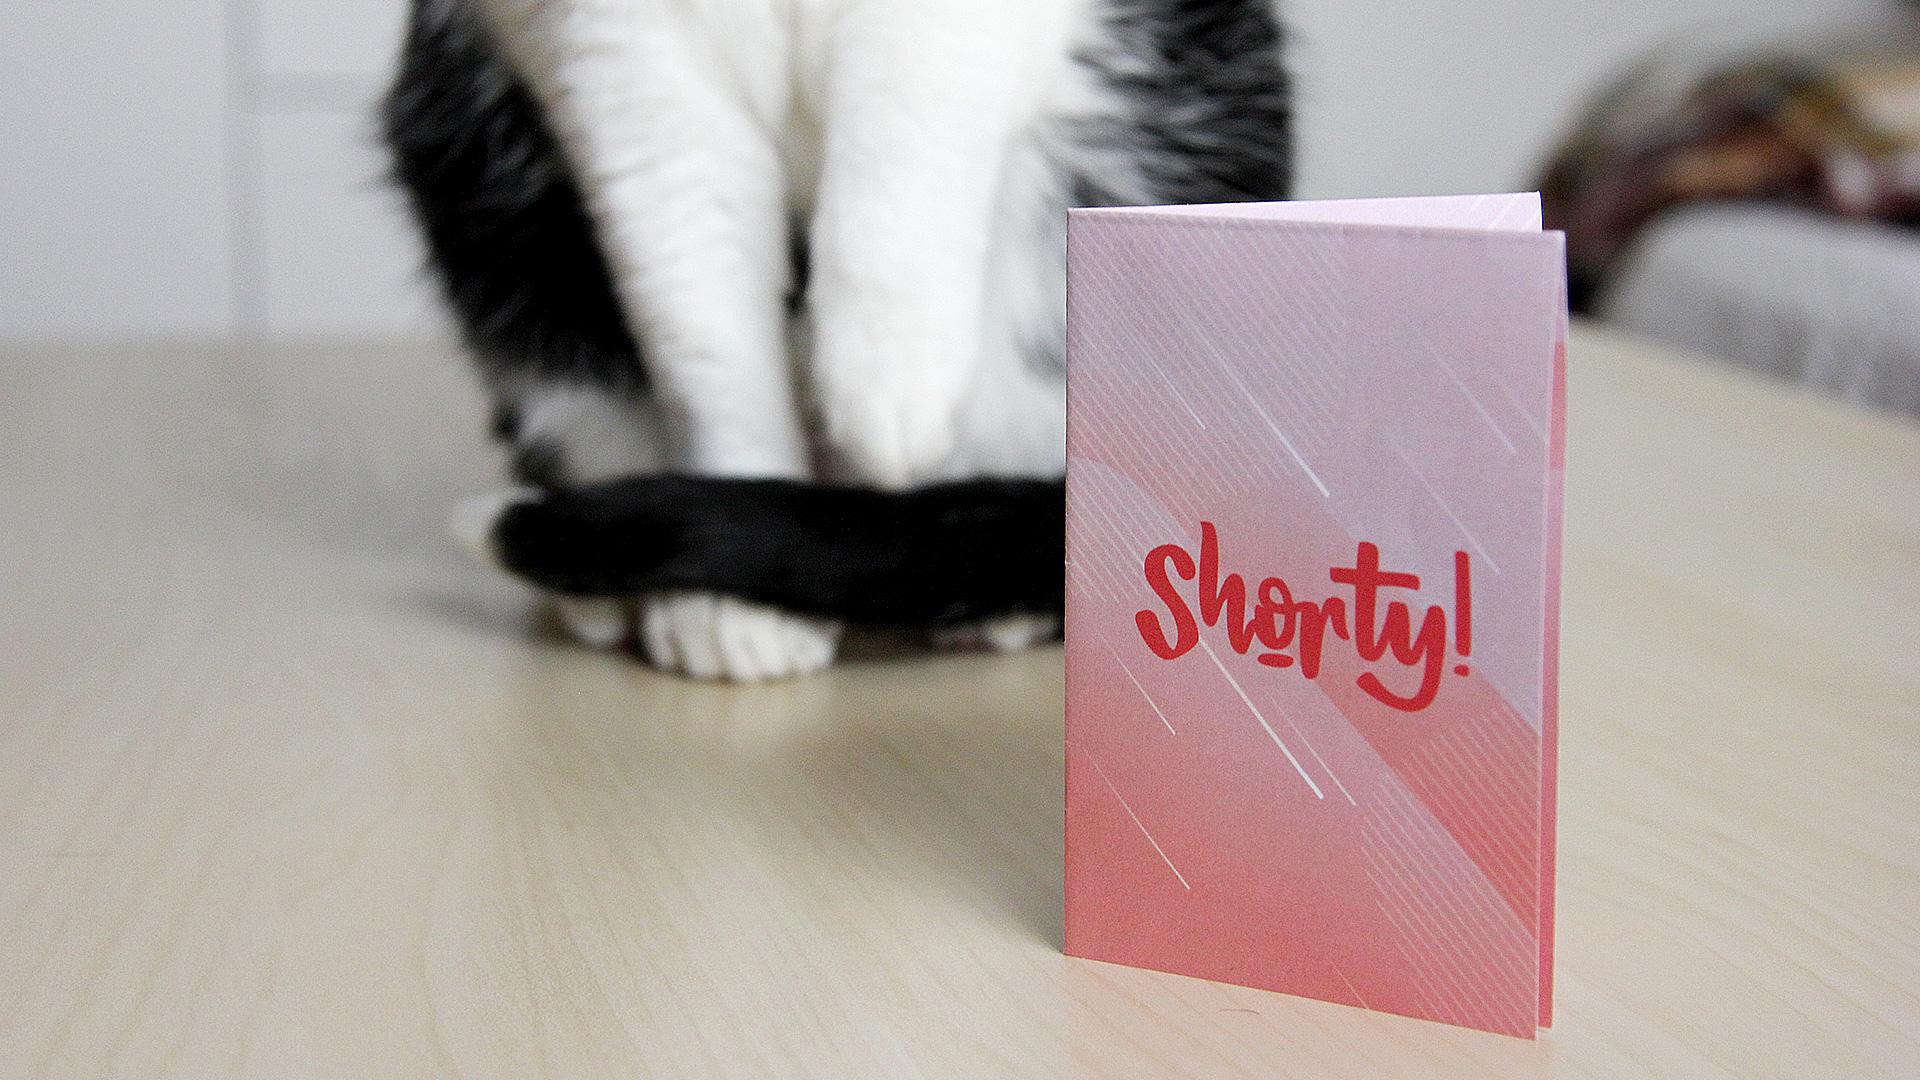 Shorty! - un producto de Barographic - Blog de Sábado Comunicación Digital